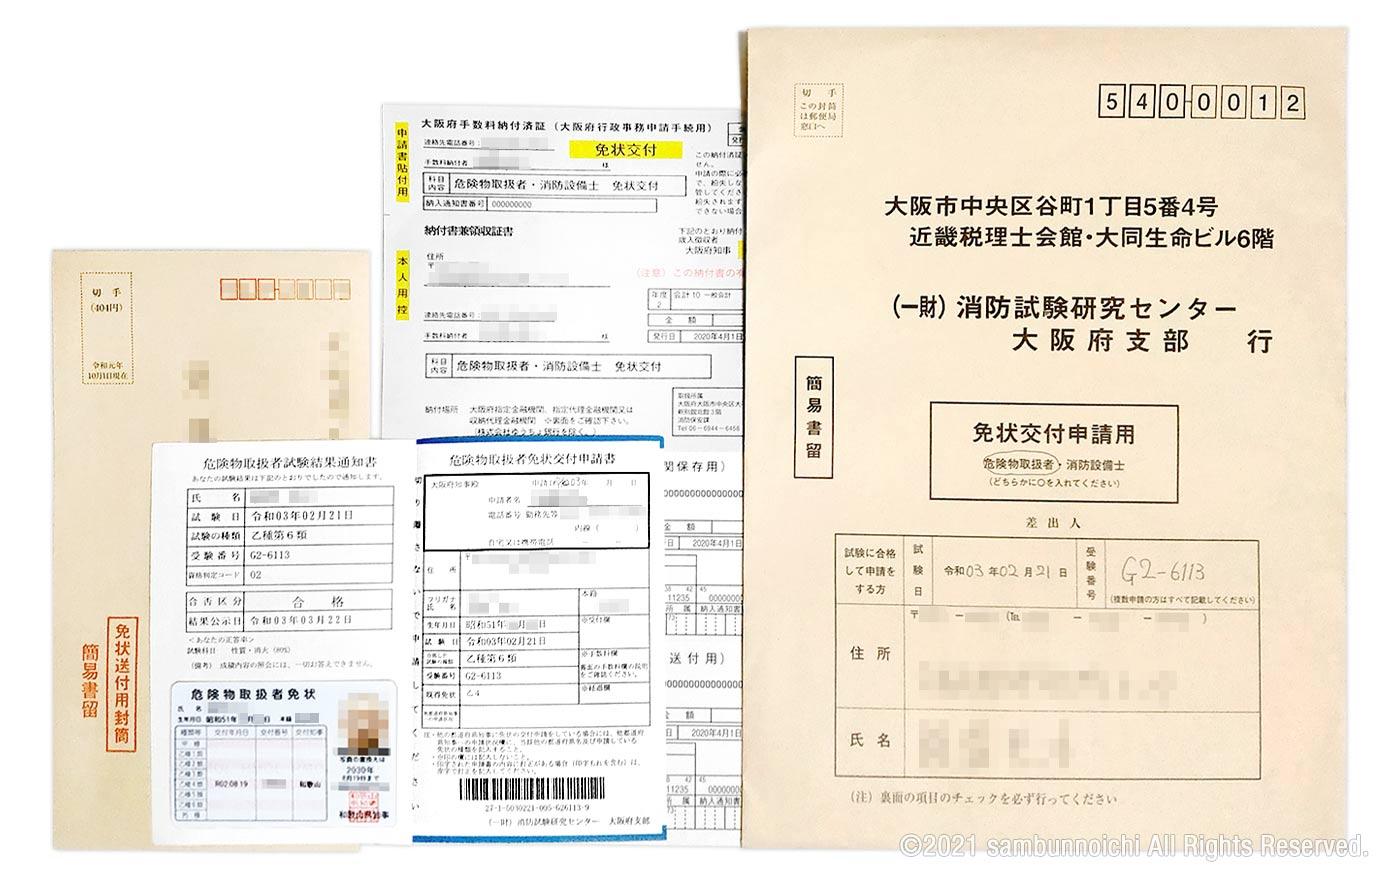 免許申請(大阪)|乙6|危険物取扱者